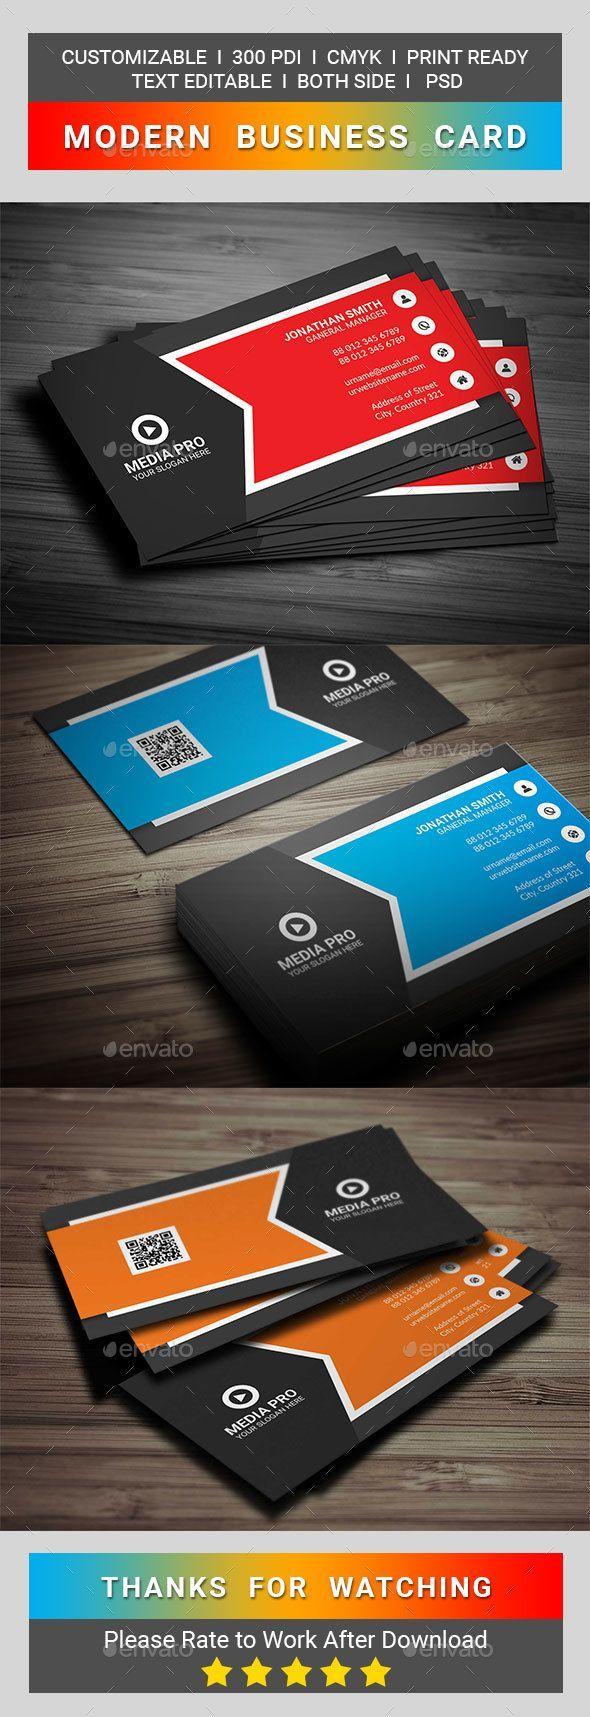 top best sim karten schablone ideas pinterest modern business card